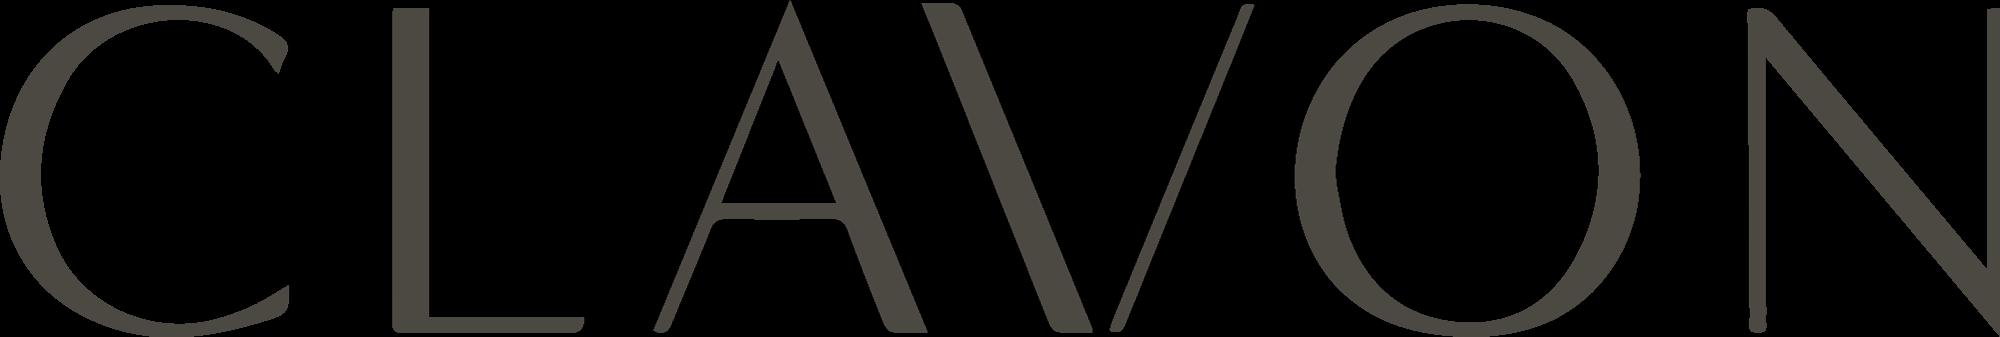 Clavon logo